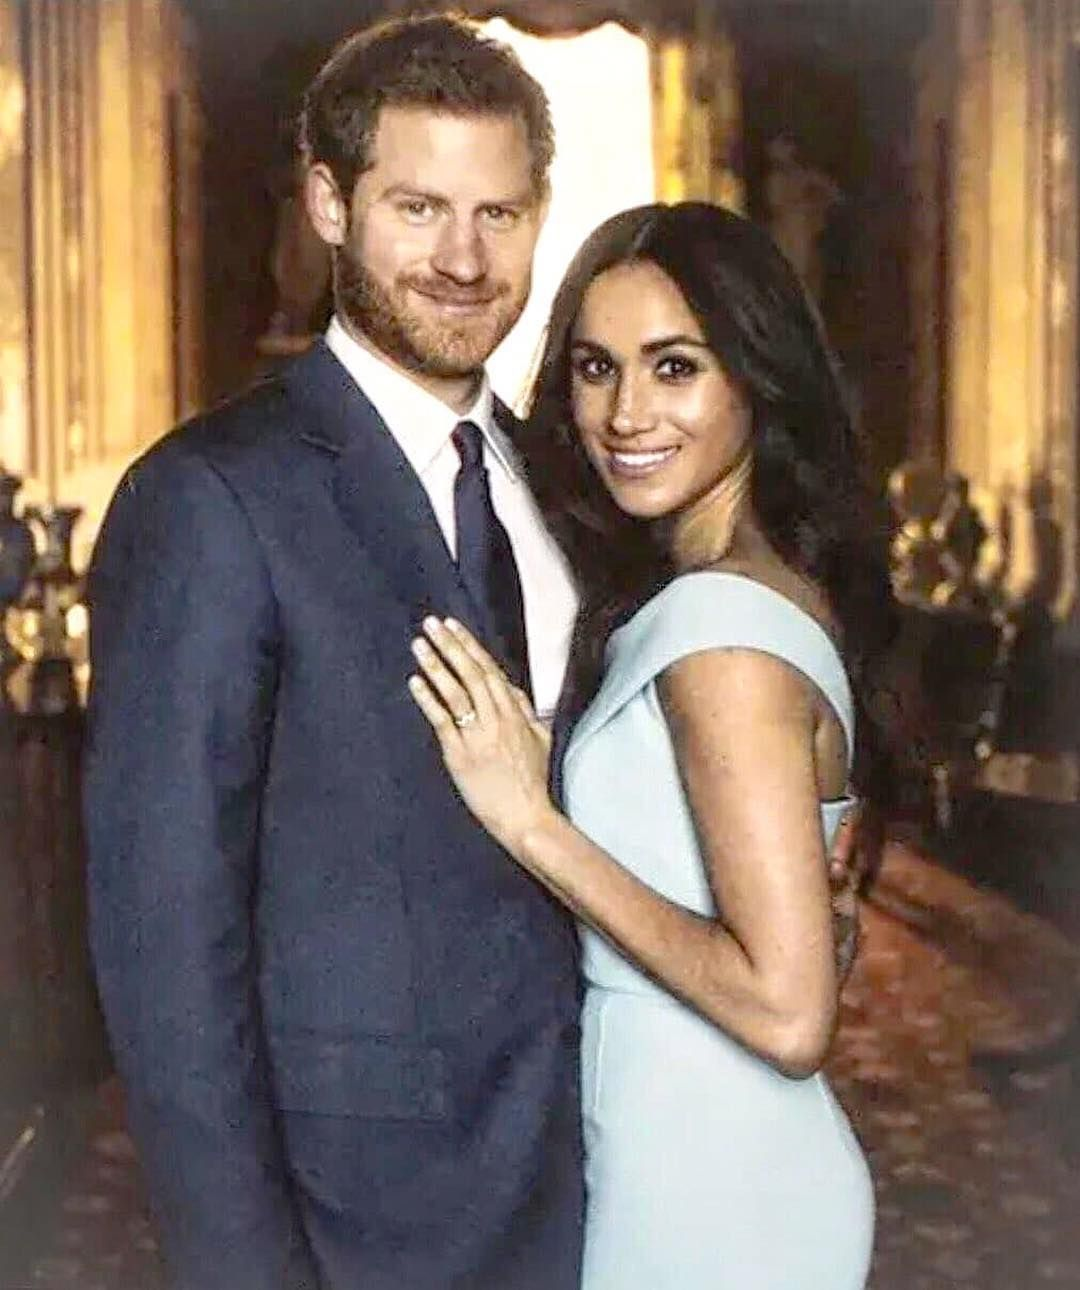 Znalezione obrazy dla zapytania duke and duchess of sussex